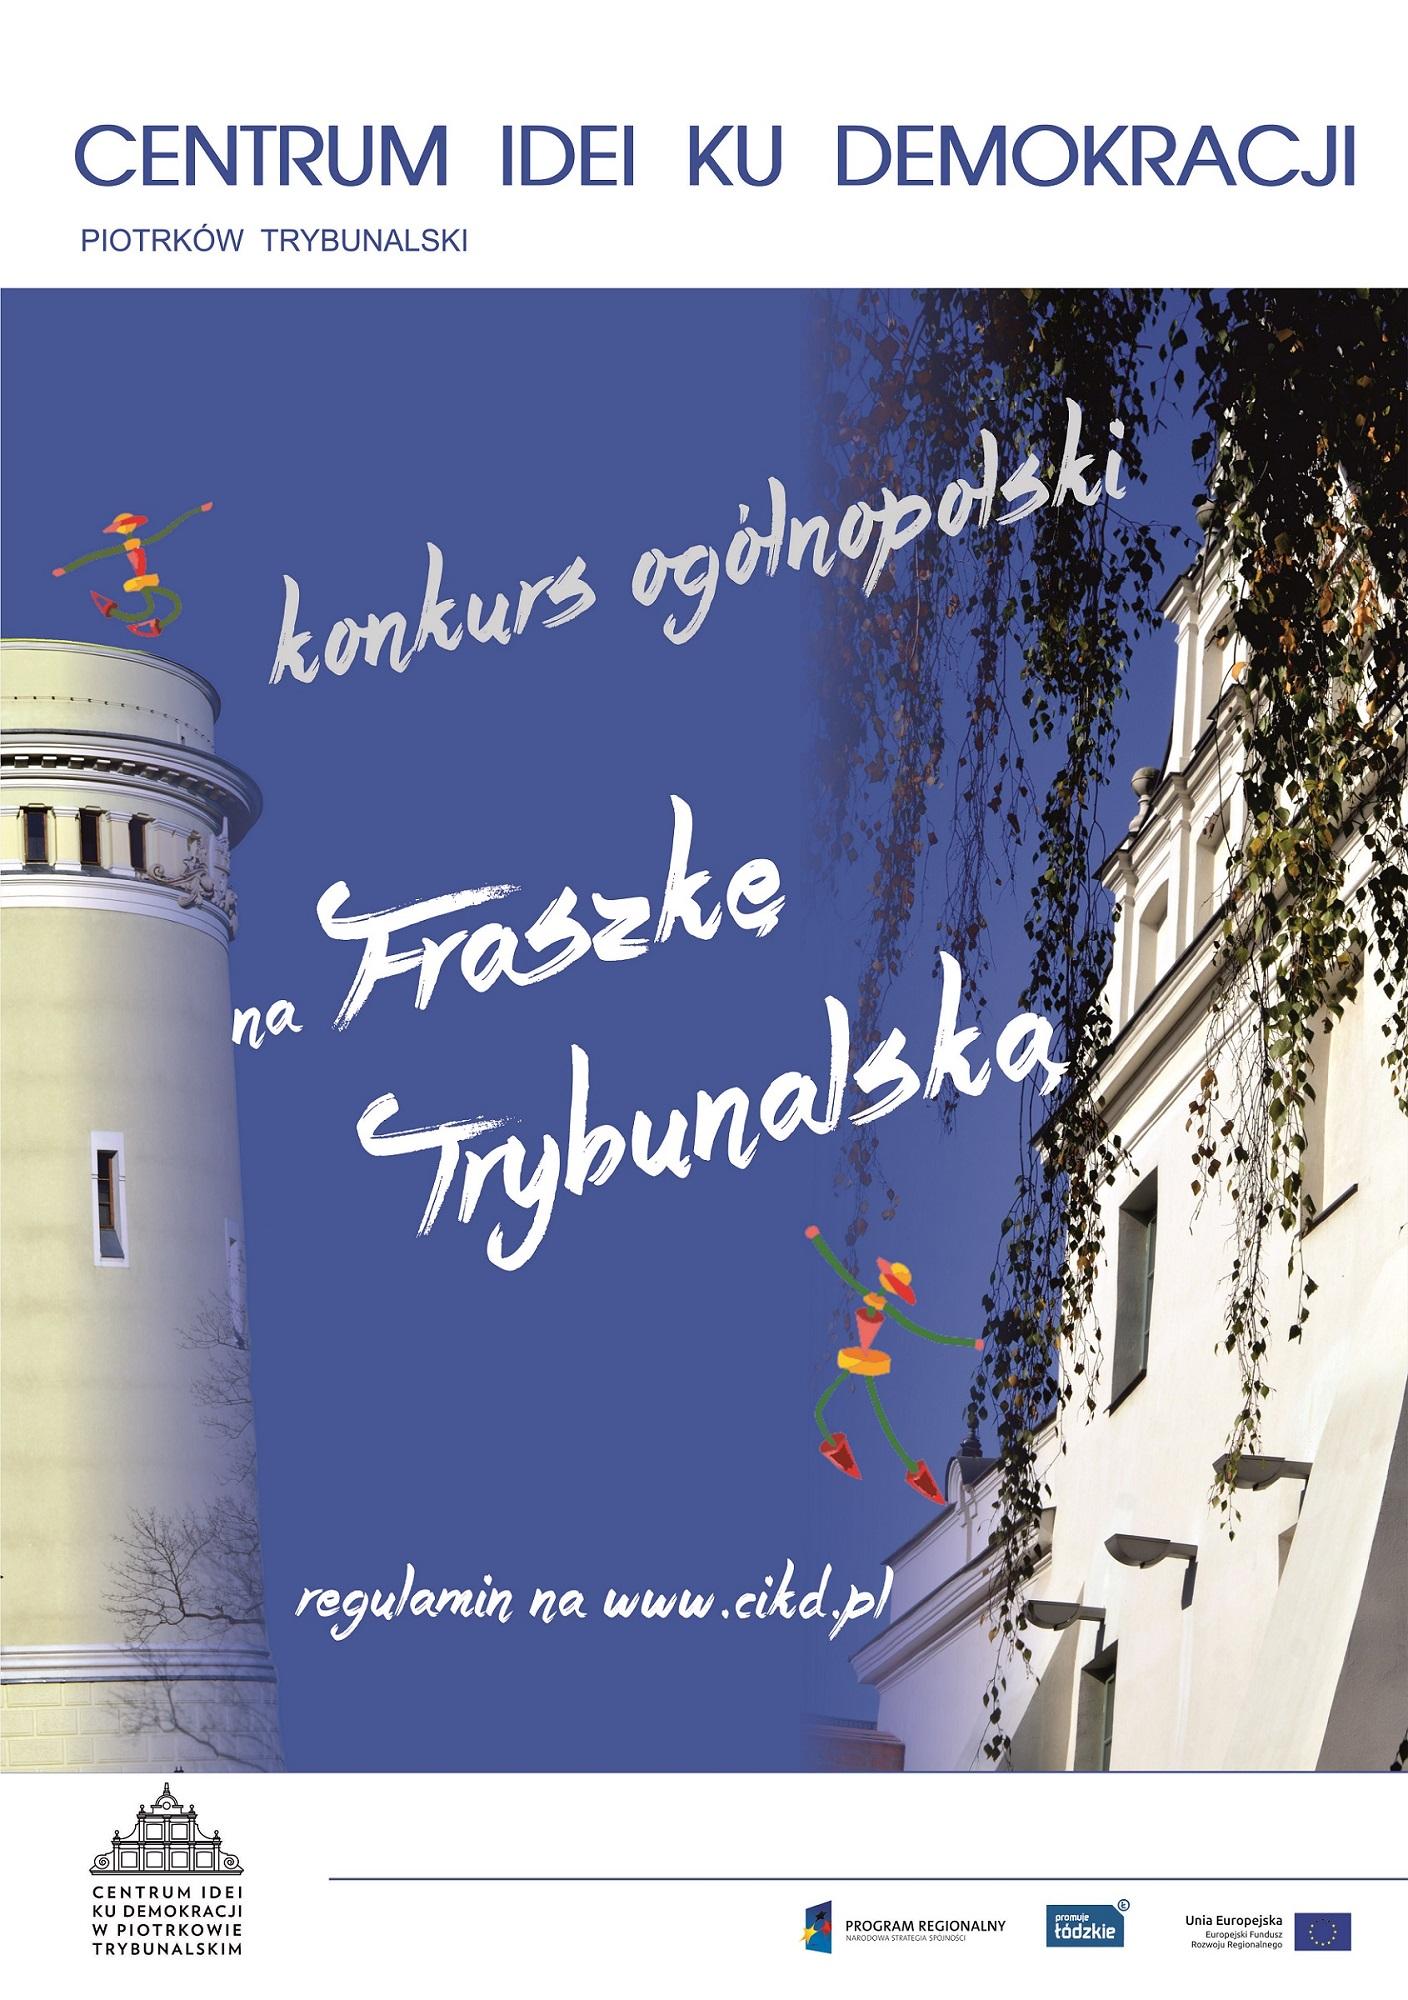 Photo of Konkurs na FRASZKĘ TRYBUNALSKĄ